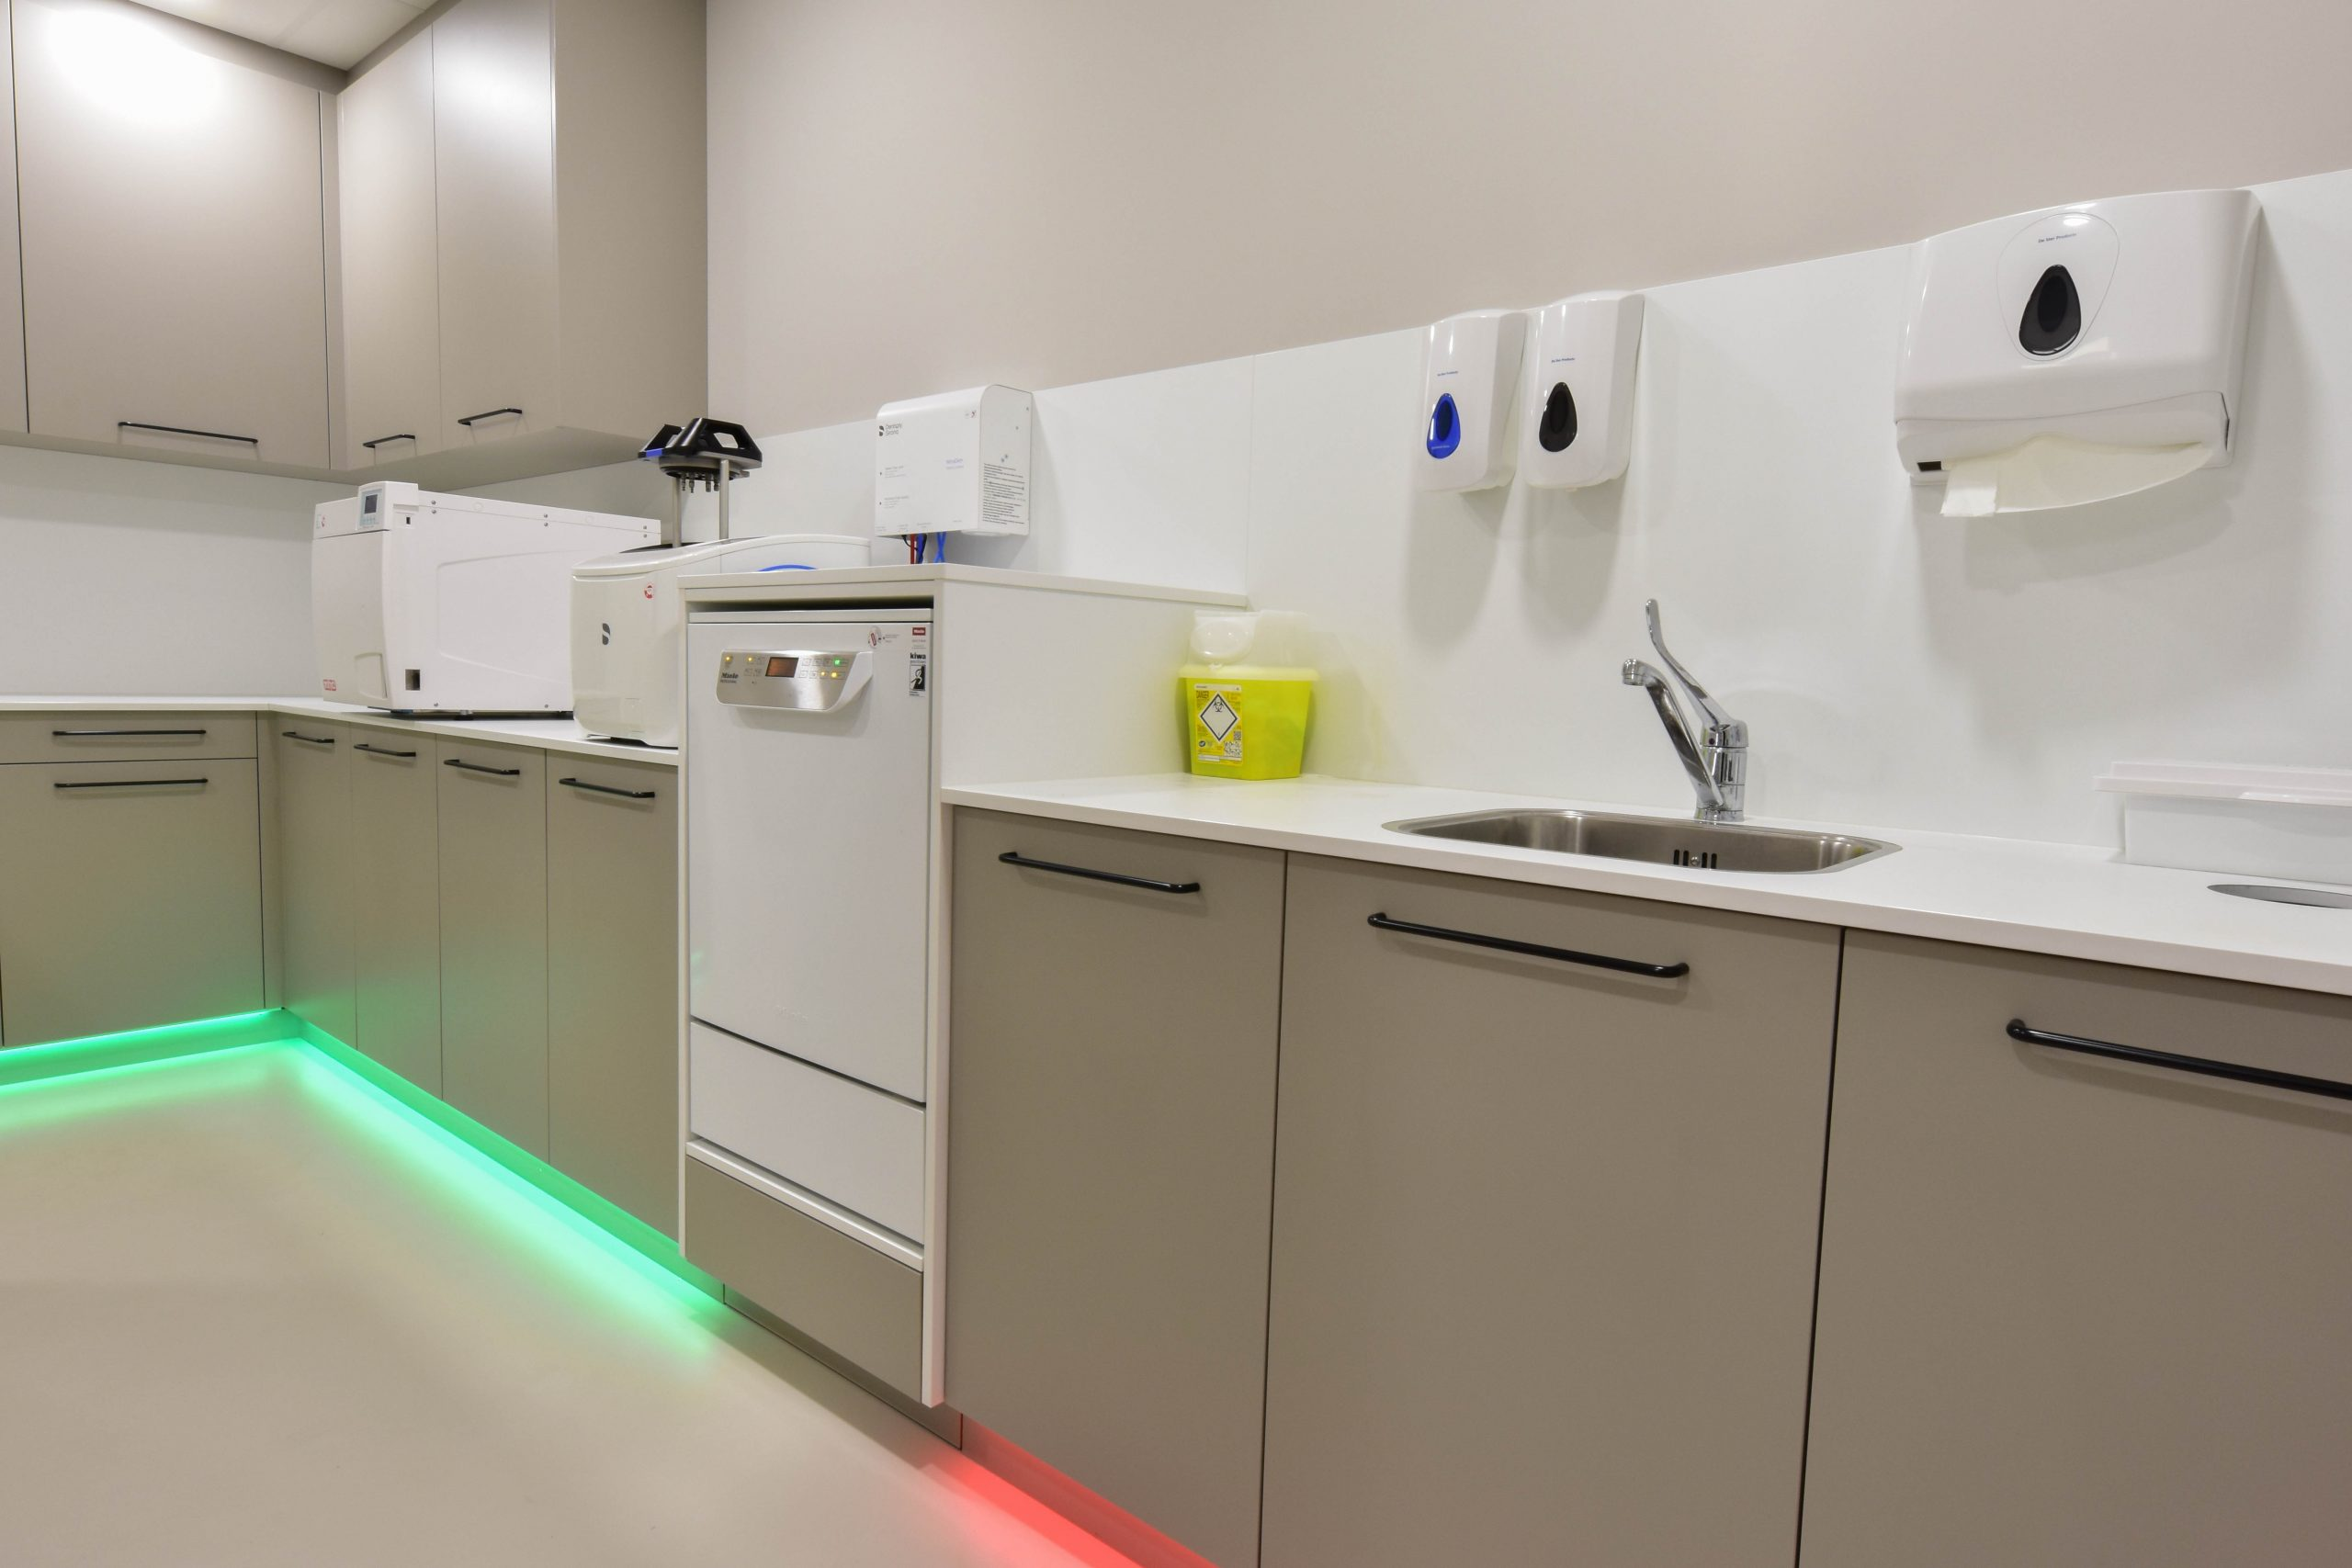 Sterilisatieruimte tandarts - Lemmens interieurs